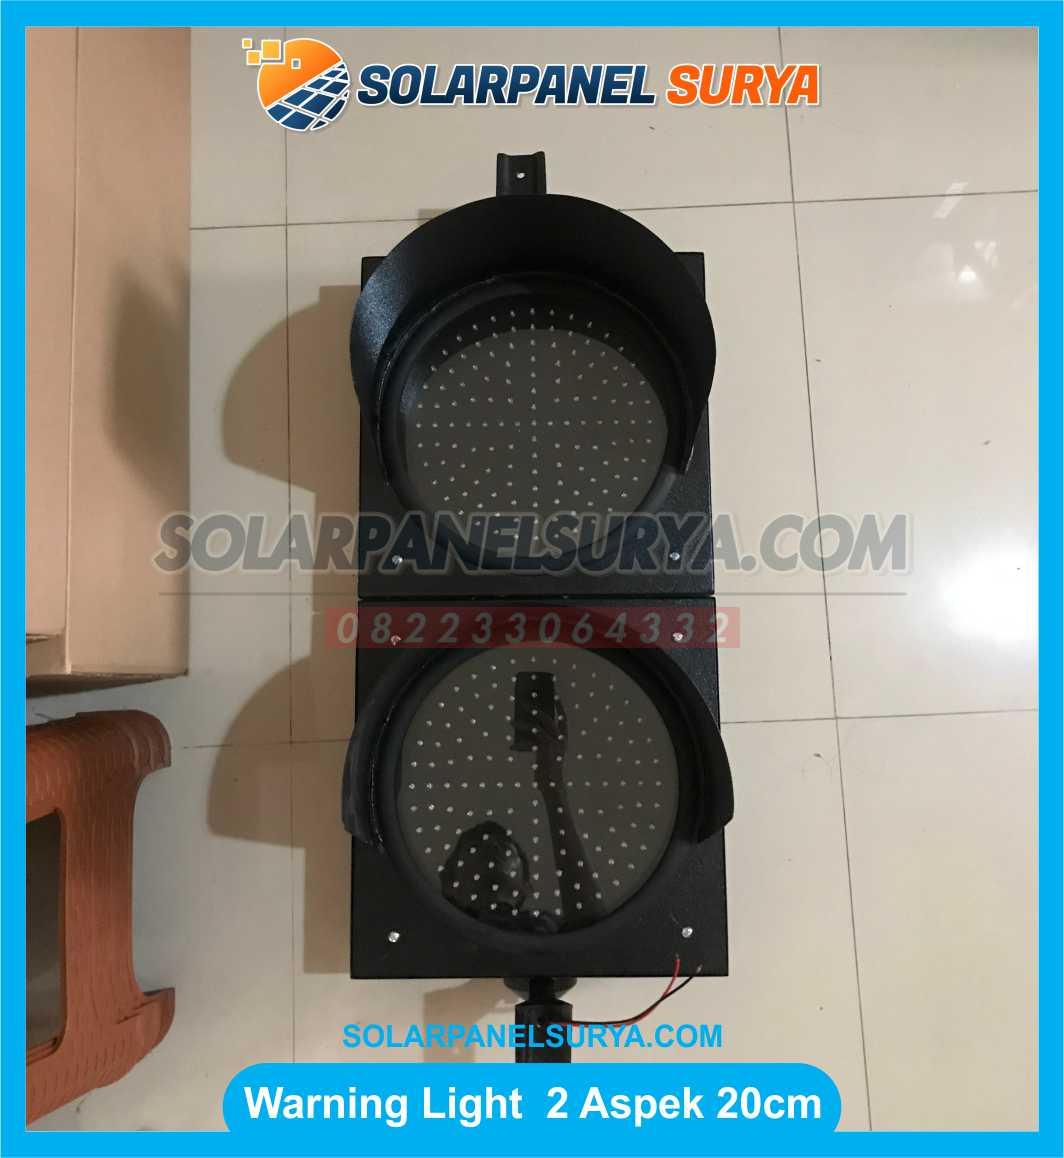 jual Lampu LED Warning Light 2 Aspek 20cm